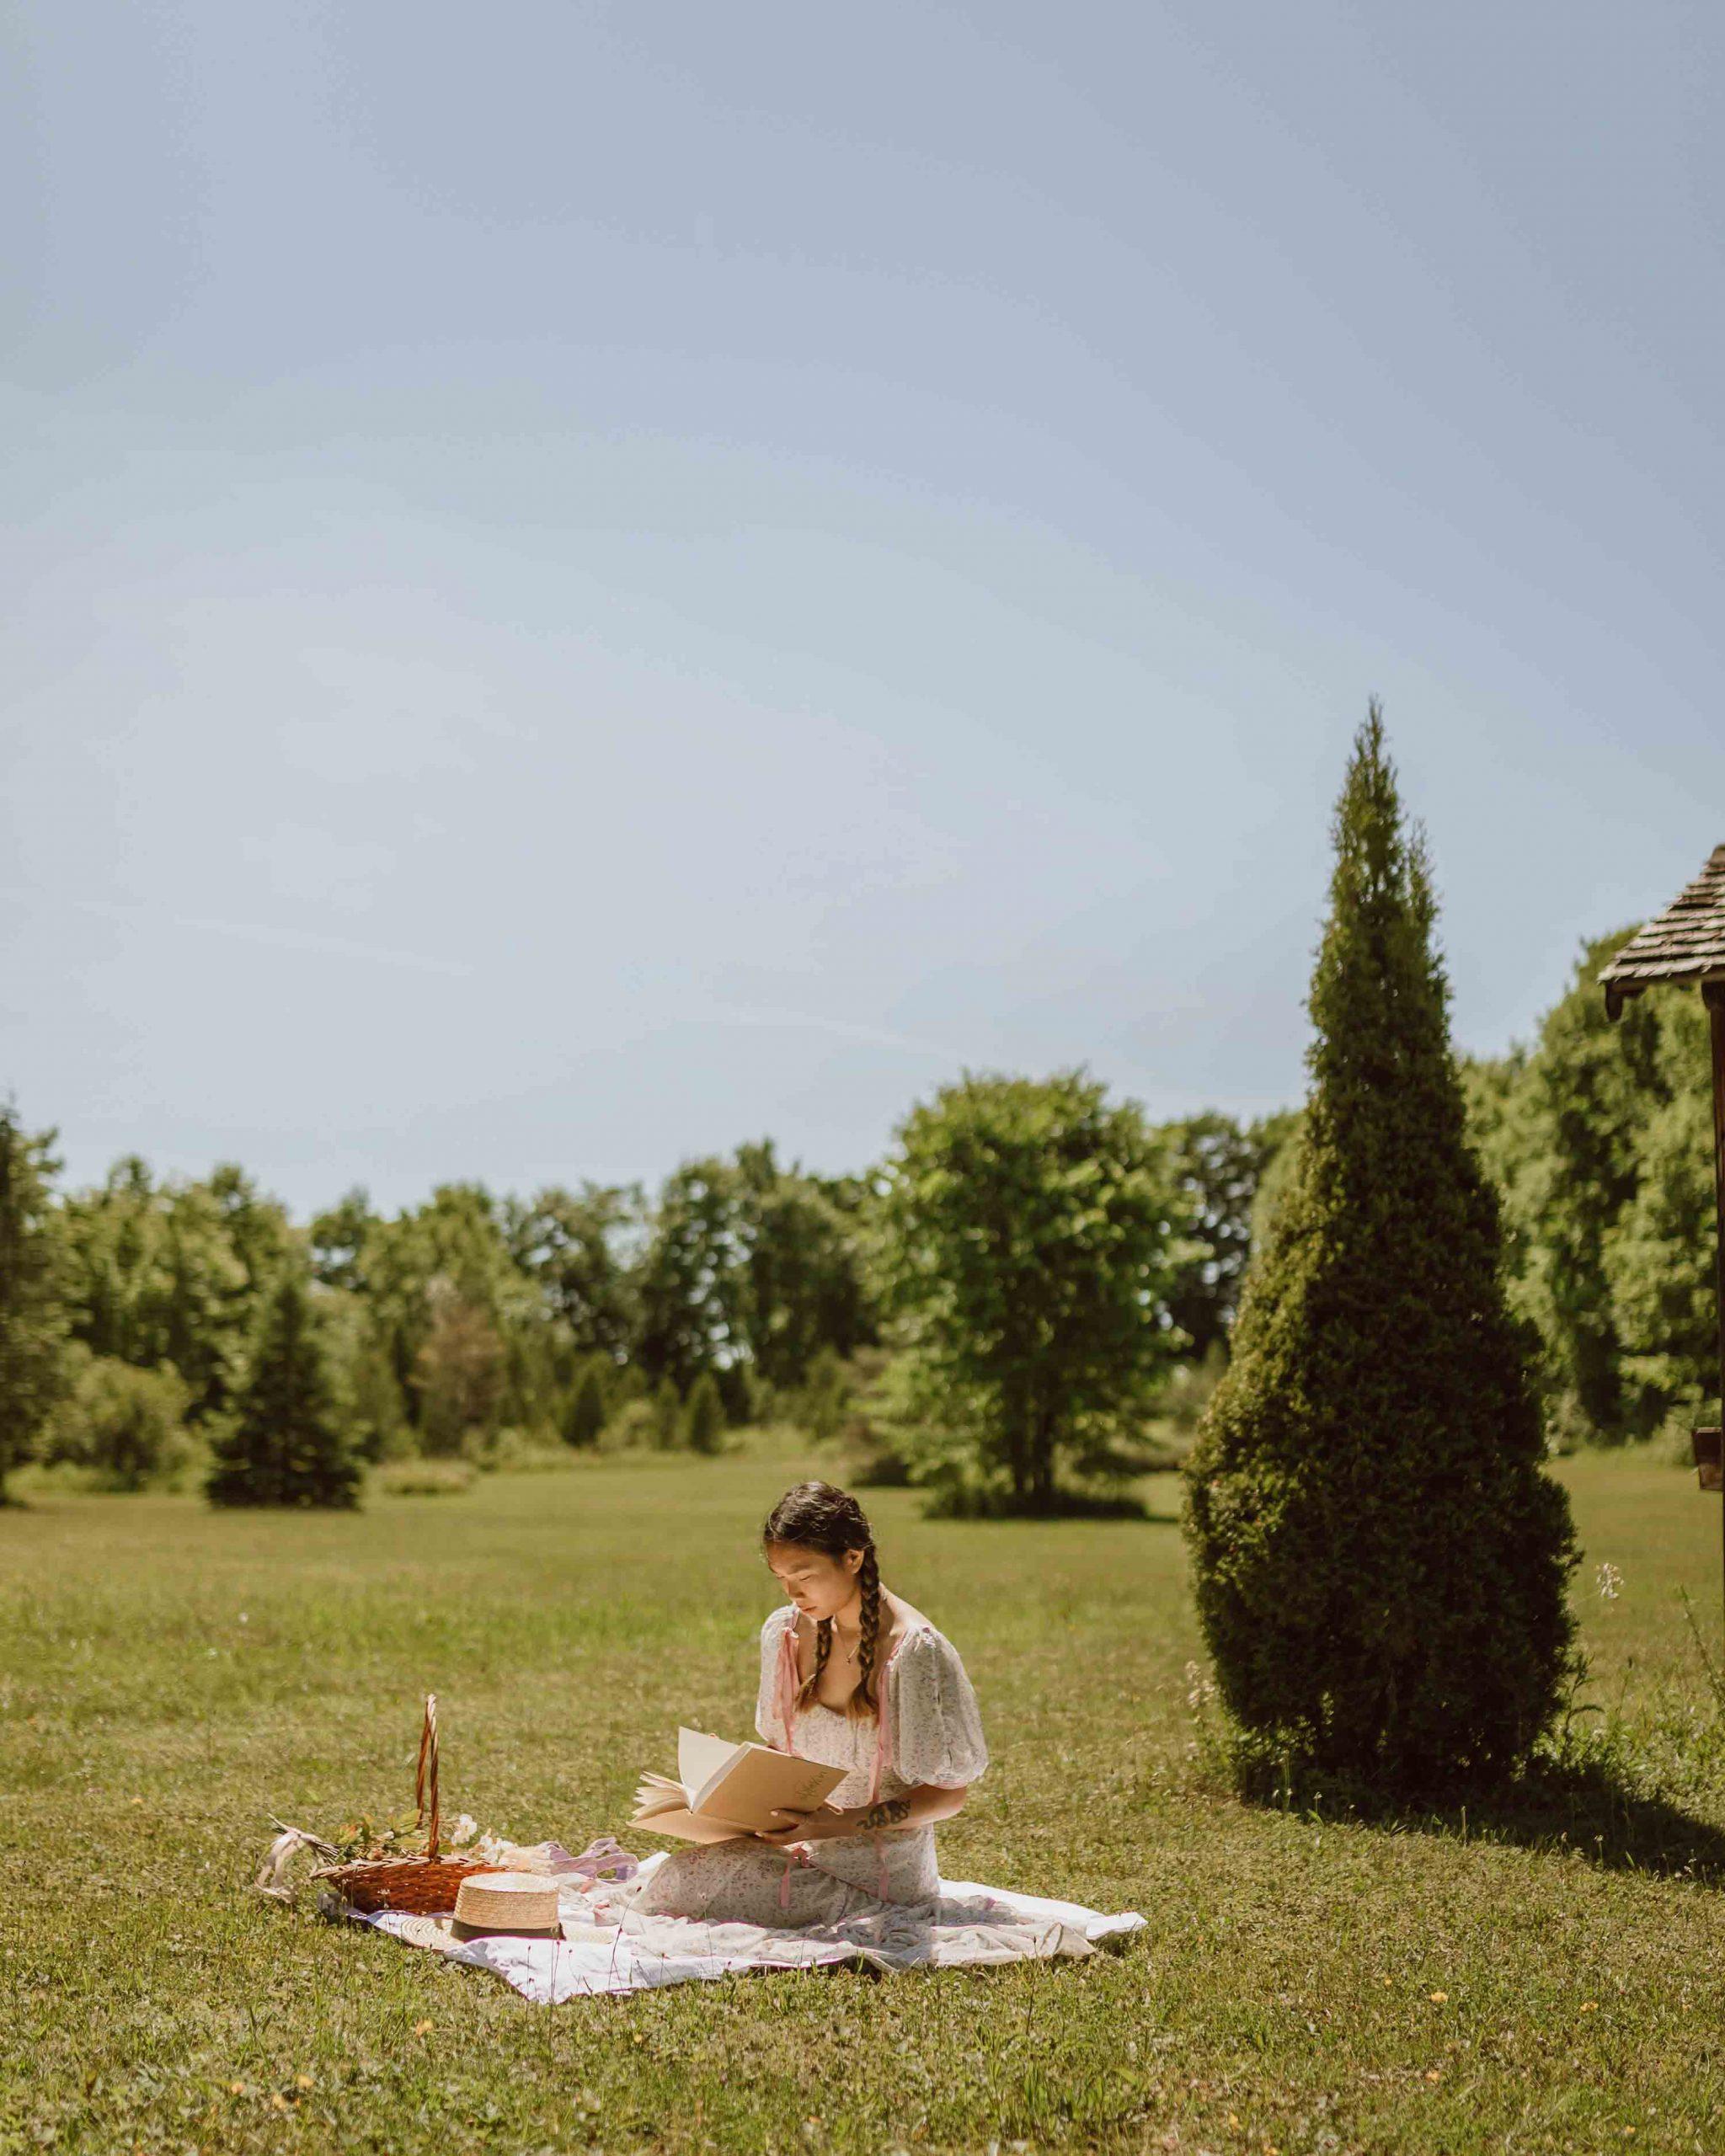 cô gái độc thân picnic giữa cánh đồng jasmin chew unsplash